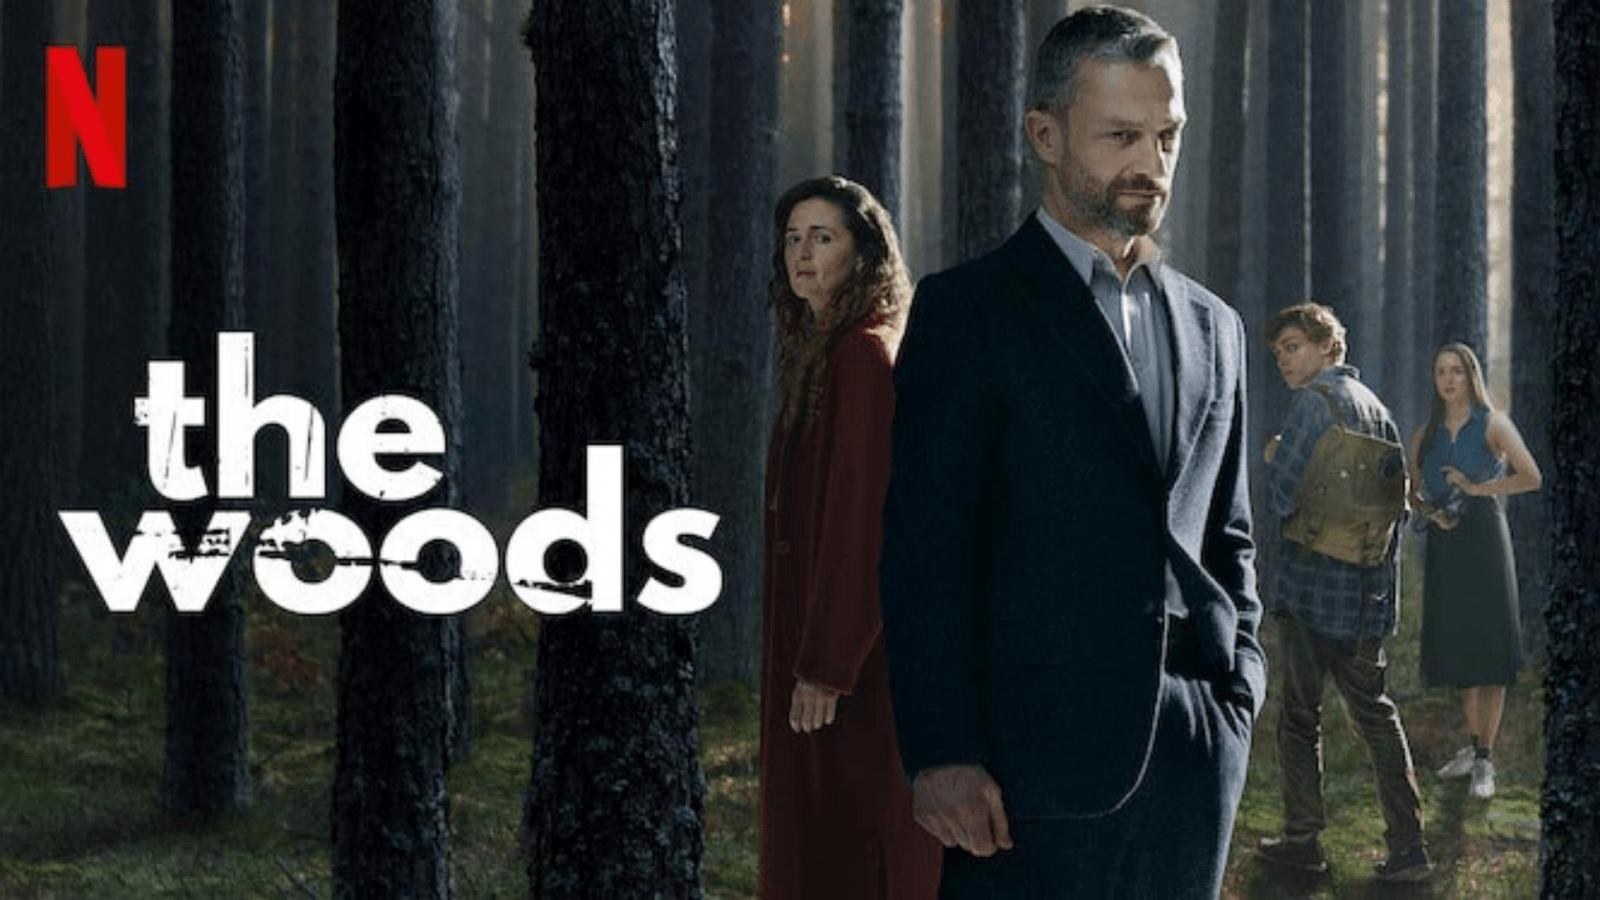 the-woods-harlan-coben